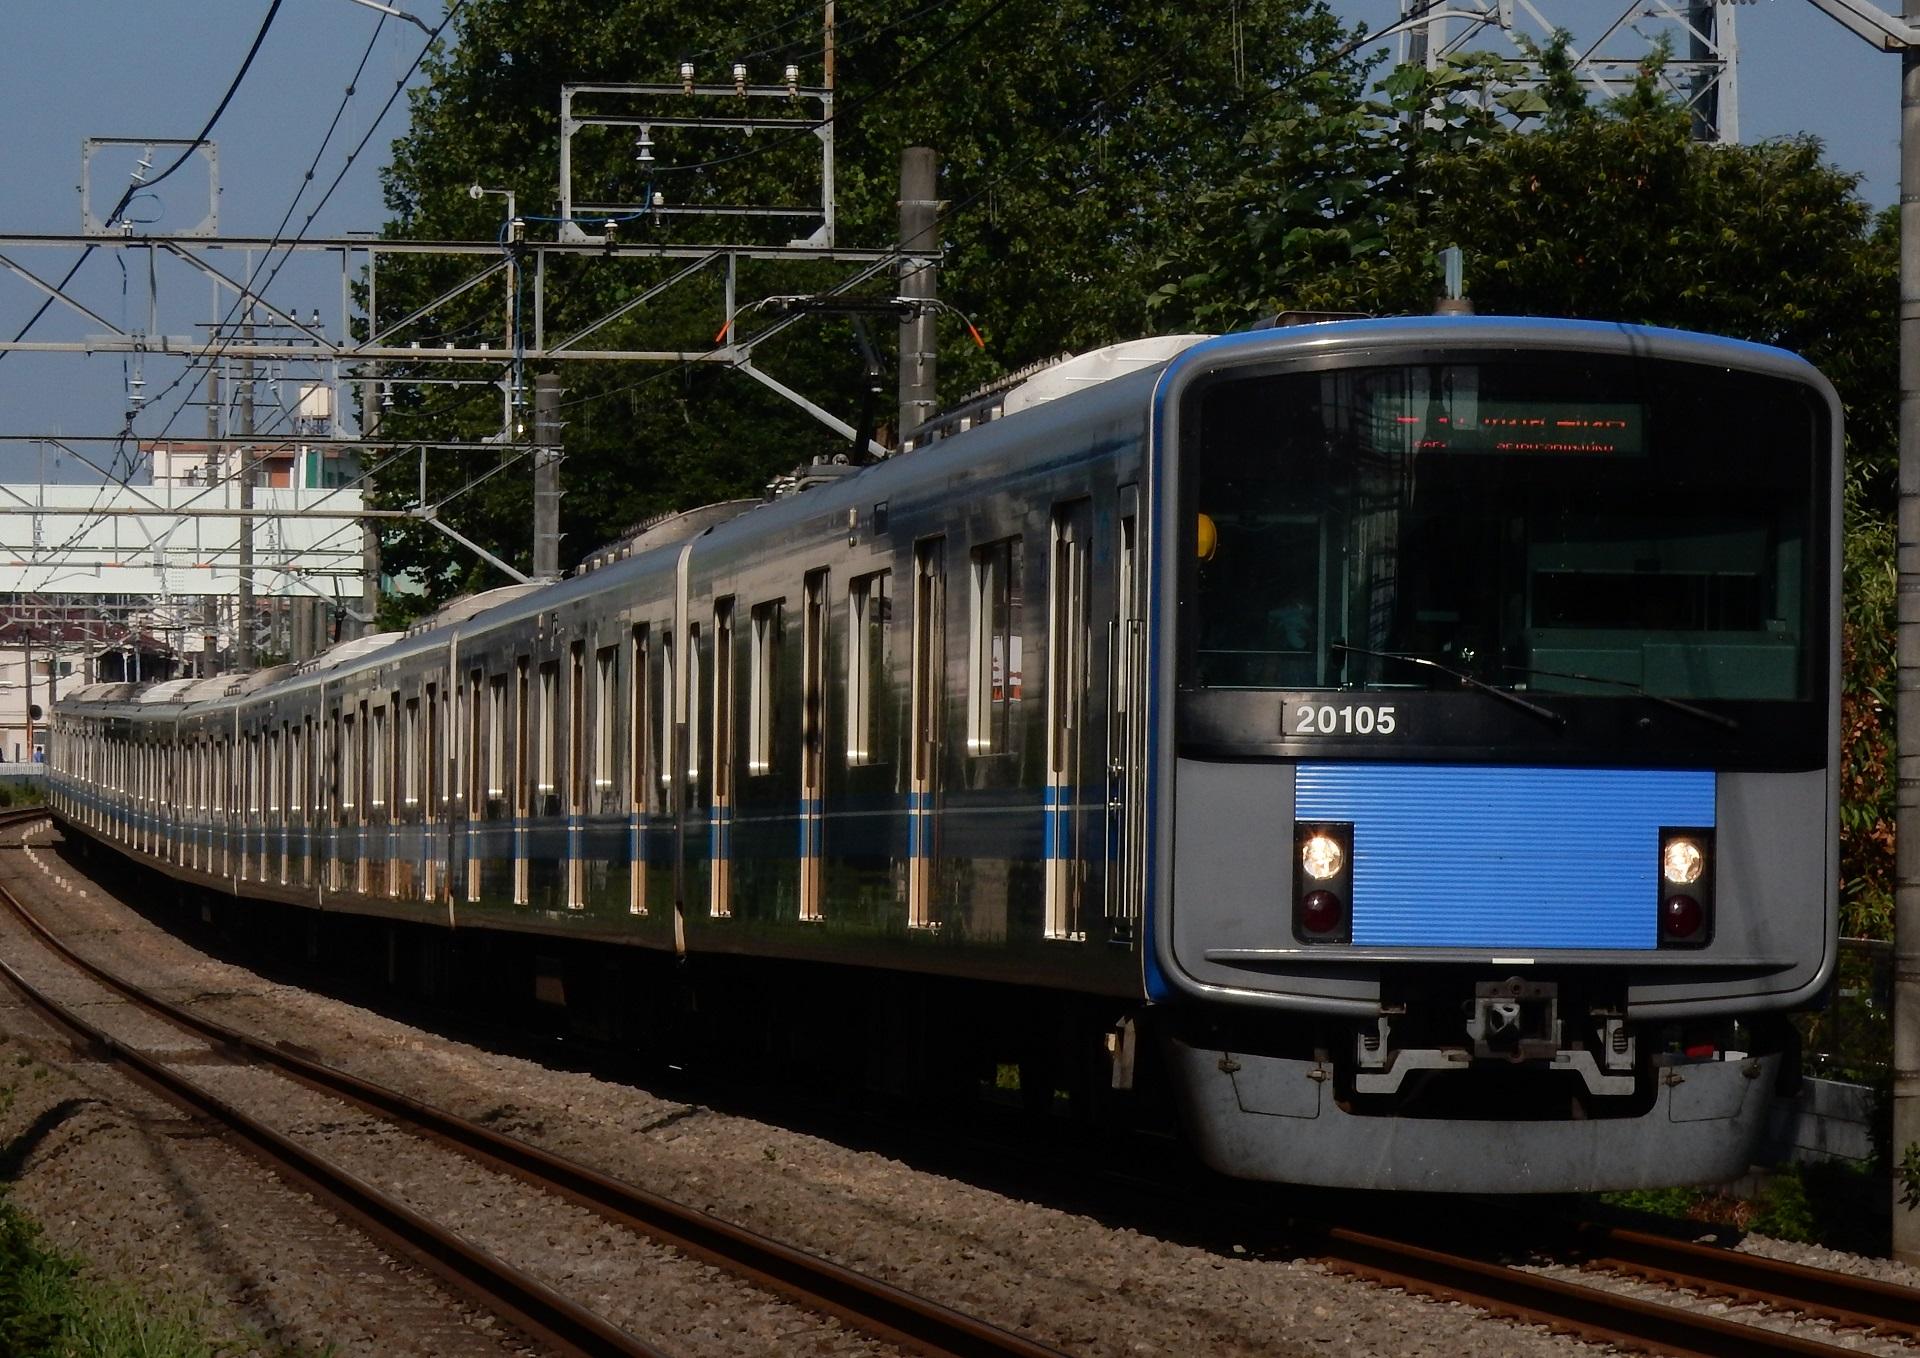 DSCN4828 - コピー